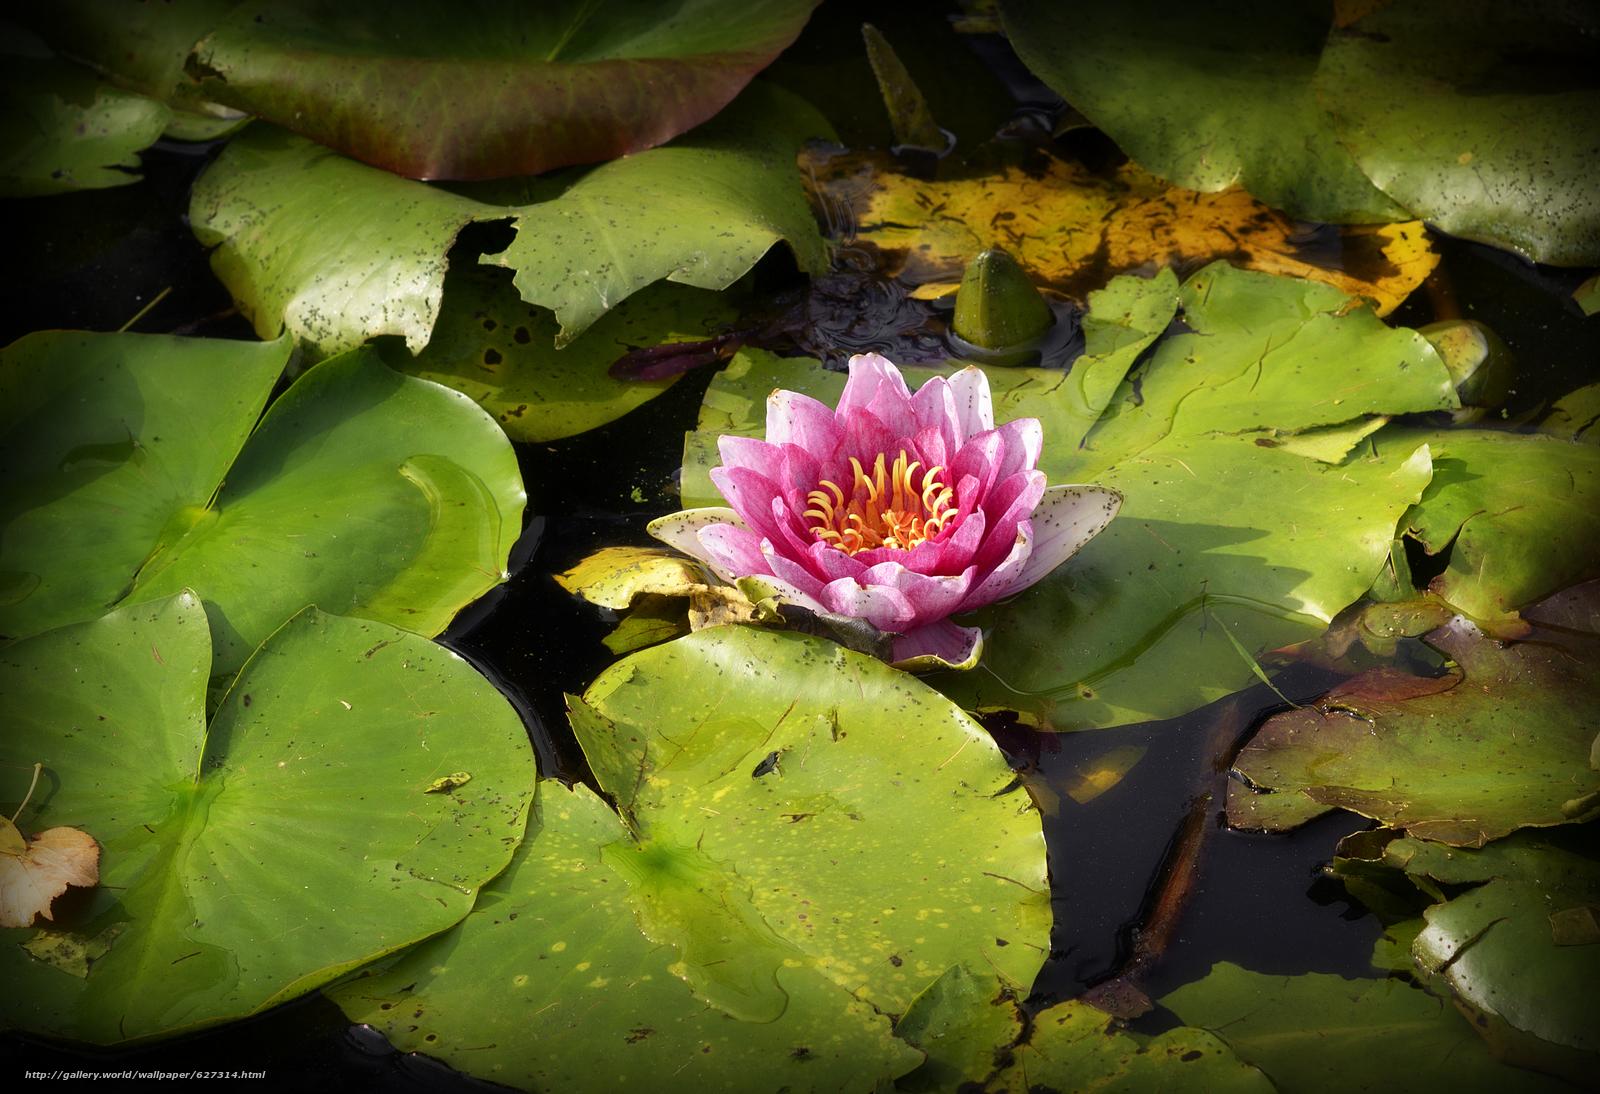 Скачать на телефон обои фото картинку на тему Water Lily, Водяная лилия, цветок, флора, разширение 2983x2040